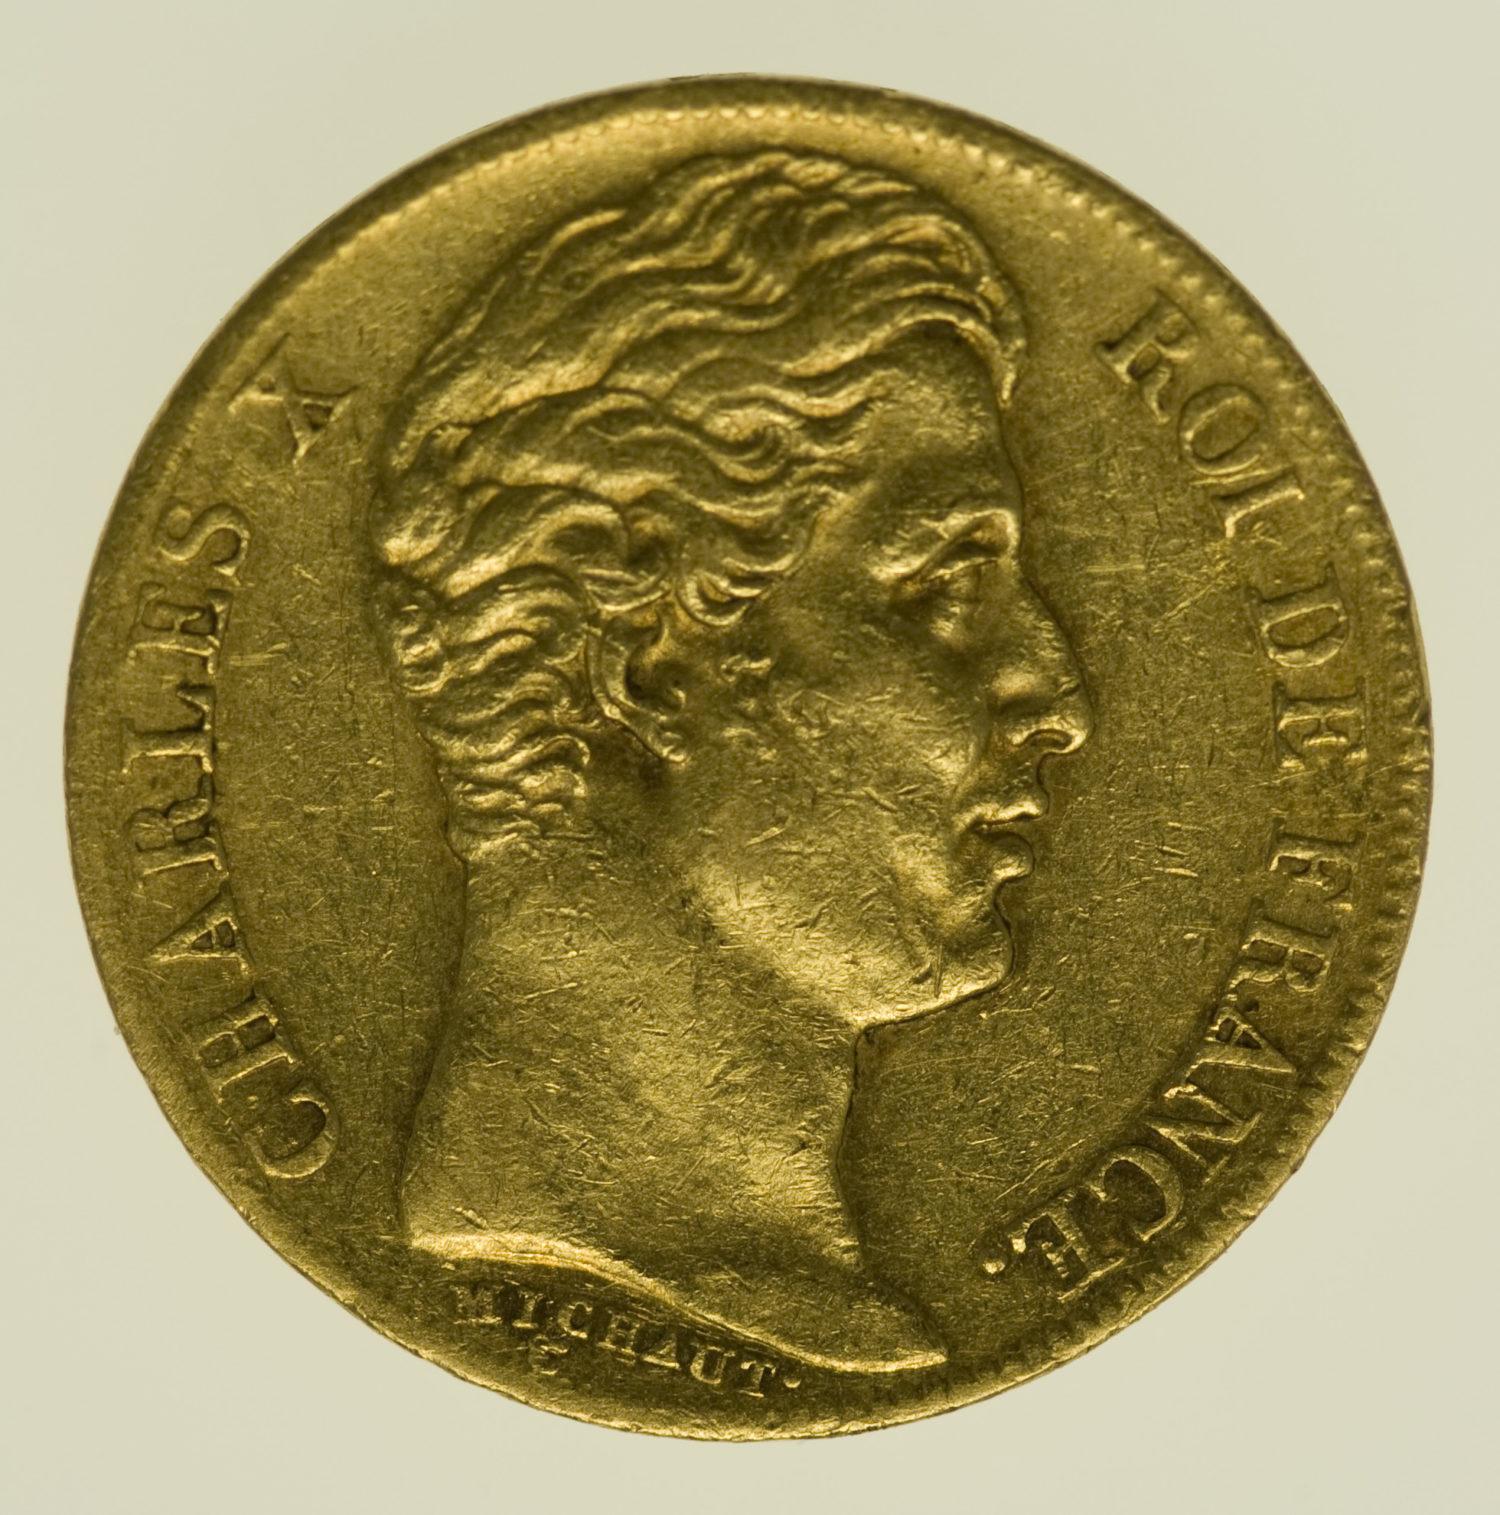 frankreich - Frankreich Charles X. 20 Francs 1826 A